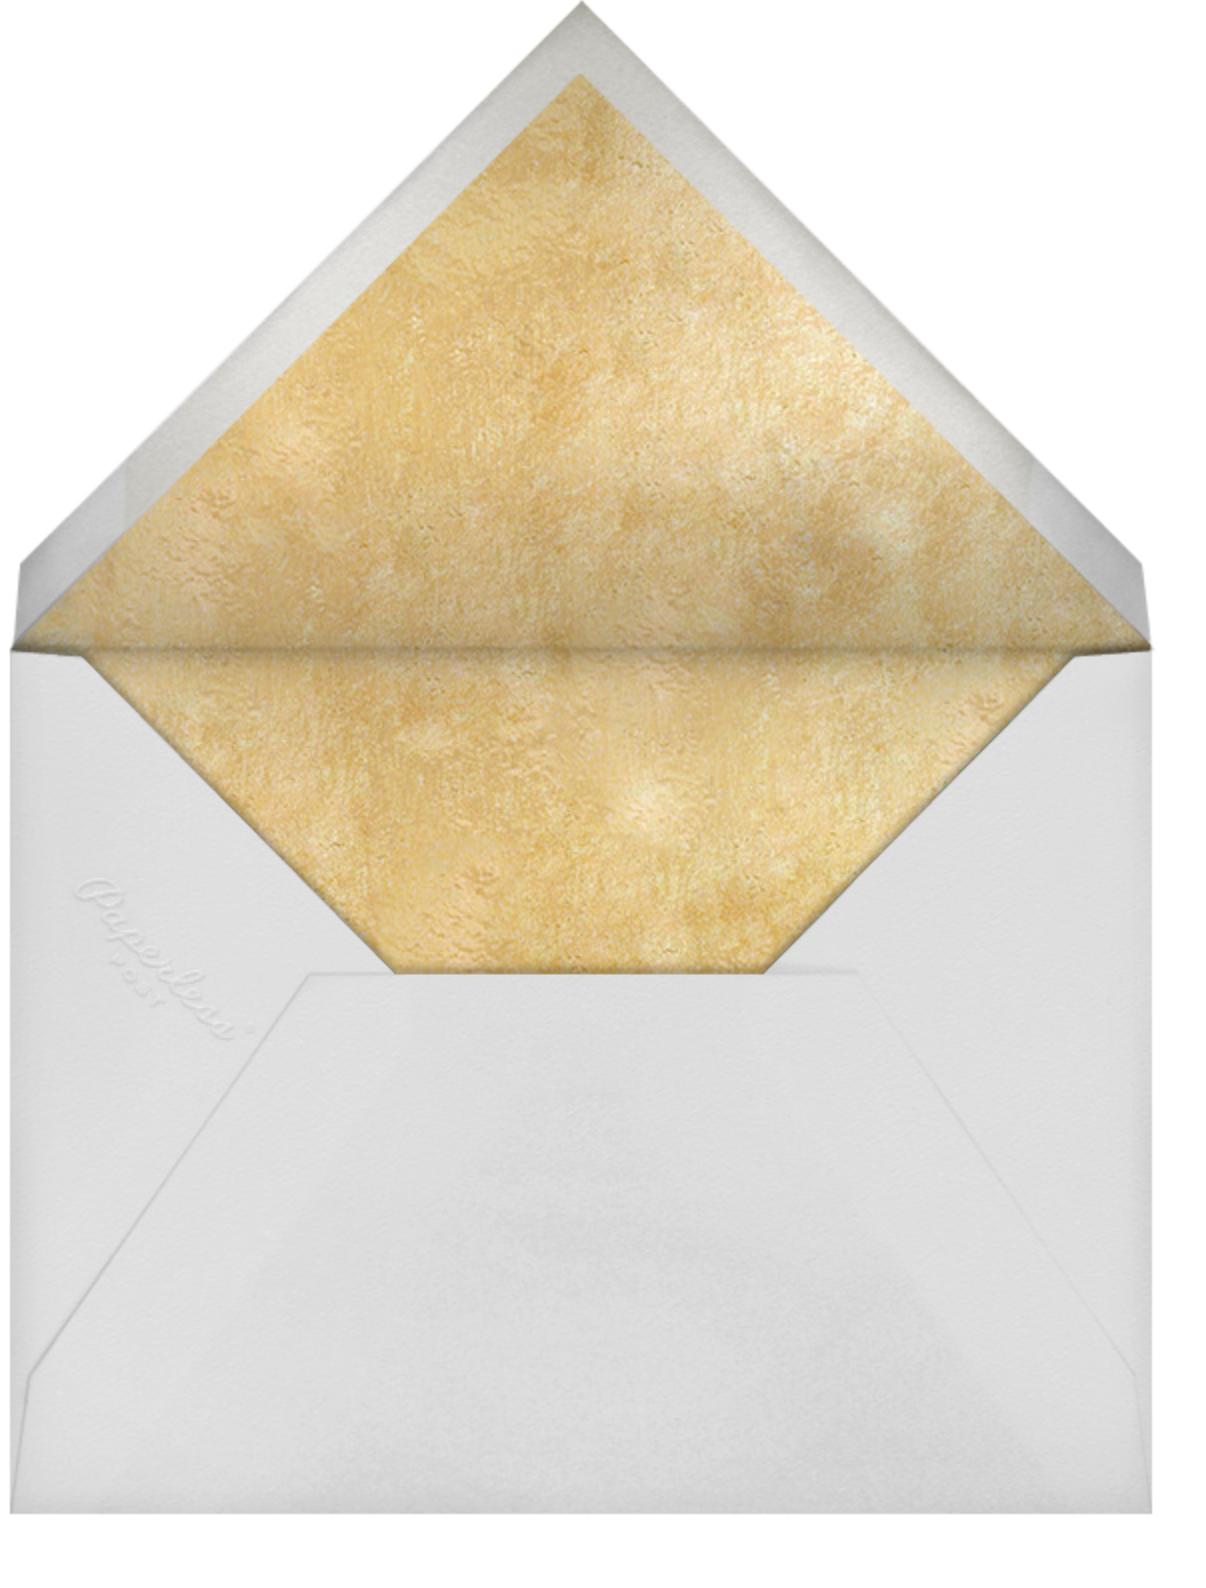 Belle Boulevard (Invitation) - Gold - kate spade new york - Envelope